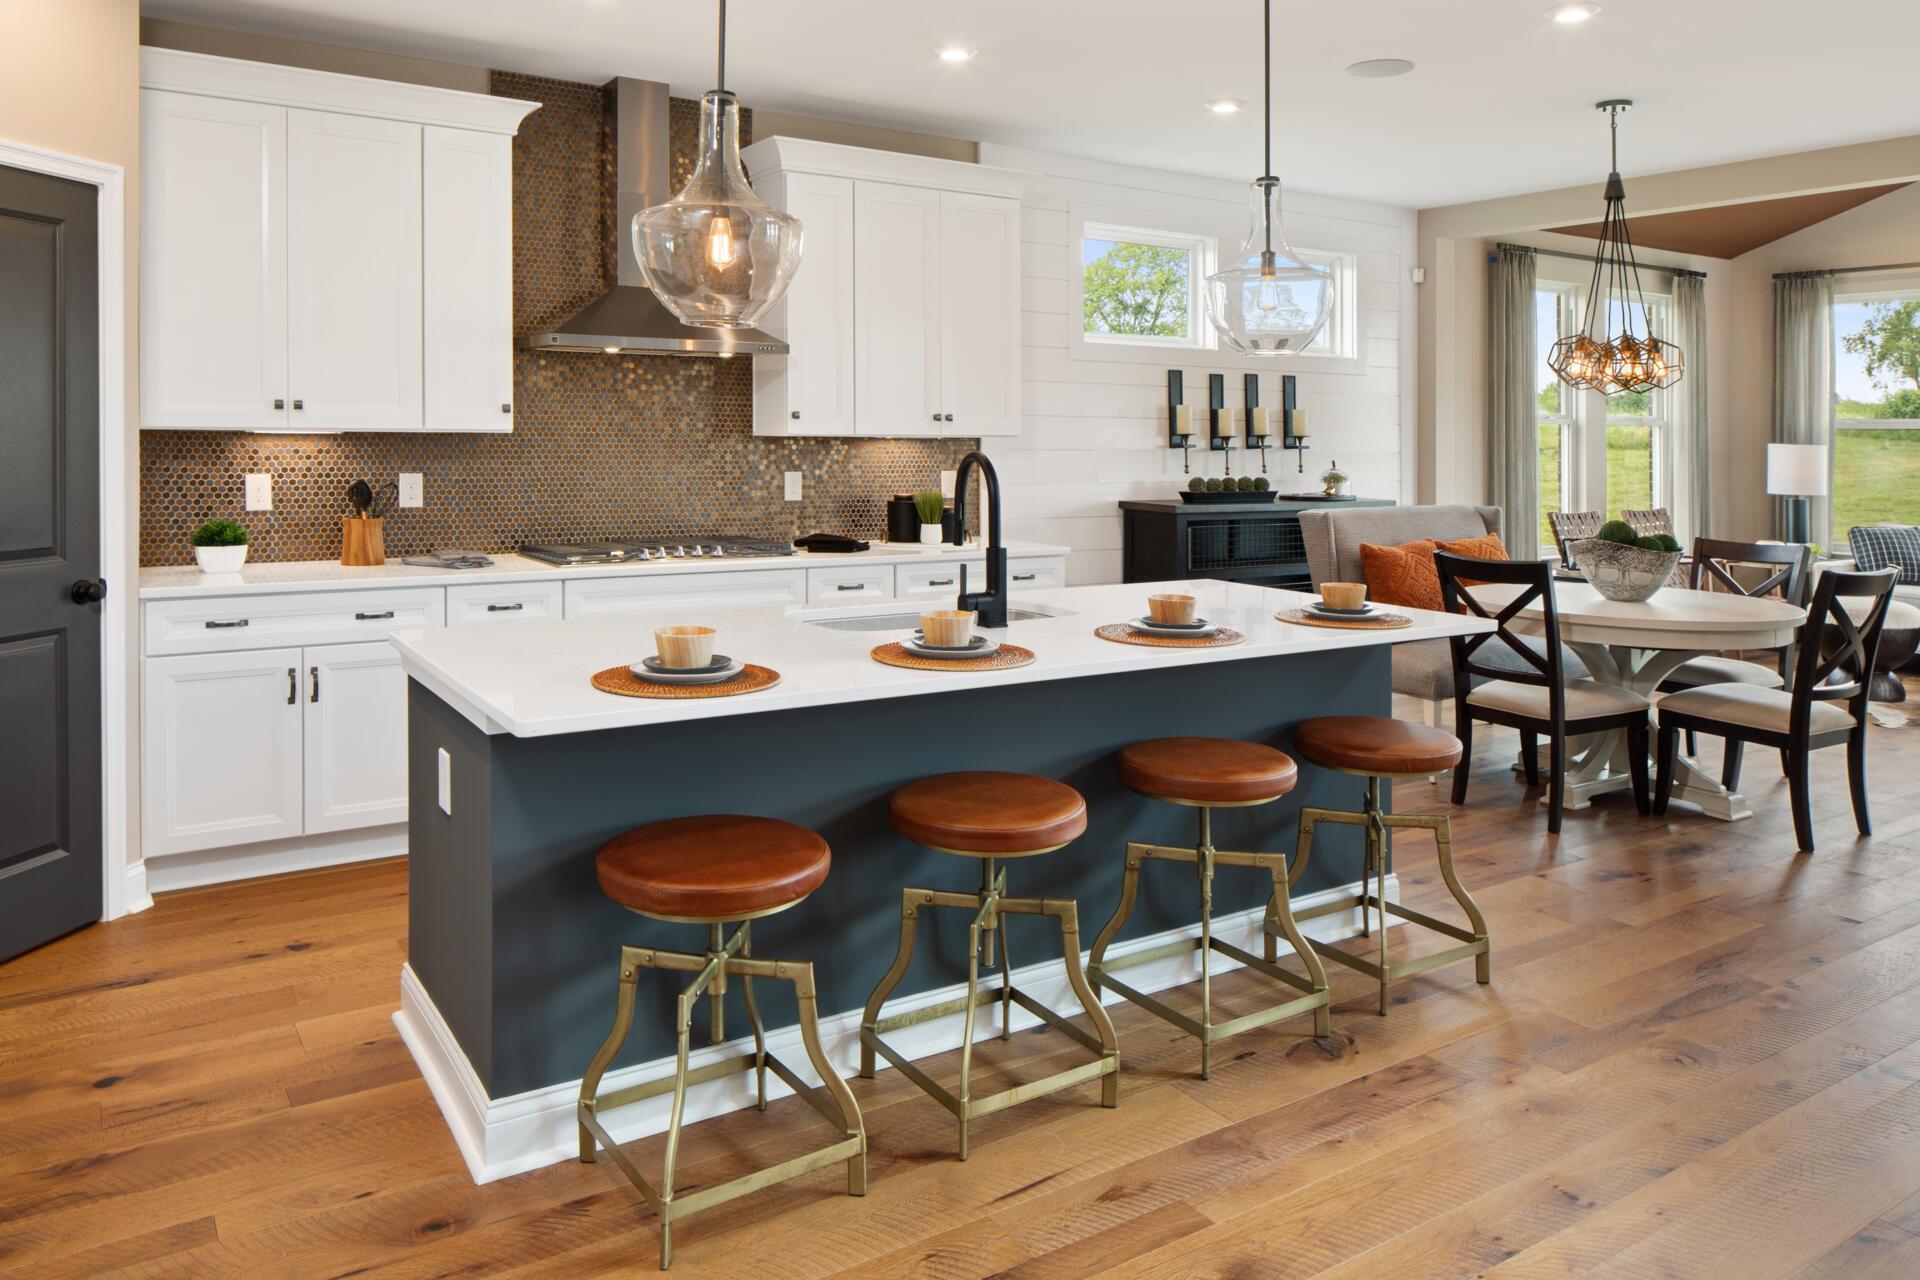 'Greenside Estates' by Drees Homes in Cincinnati